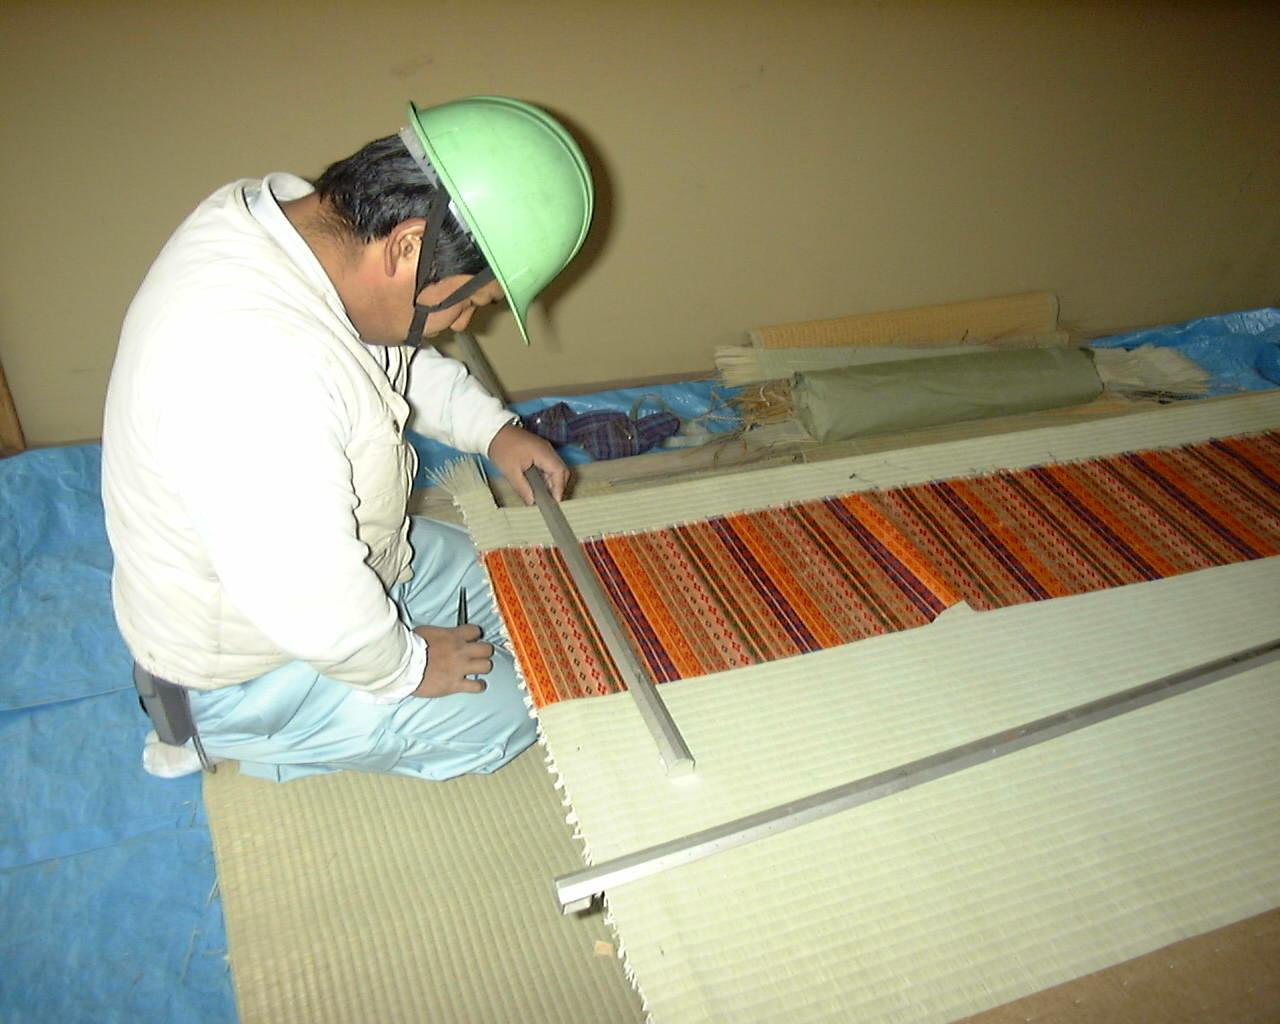 京都御所に使われている『繧繝縁』を縫い付けます。